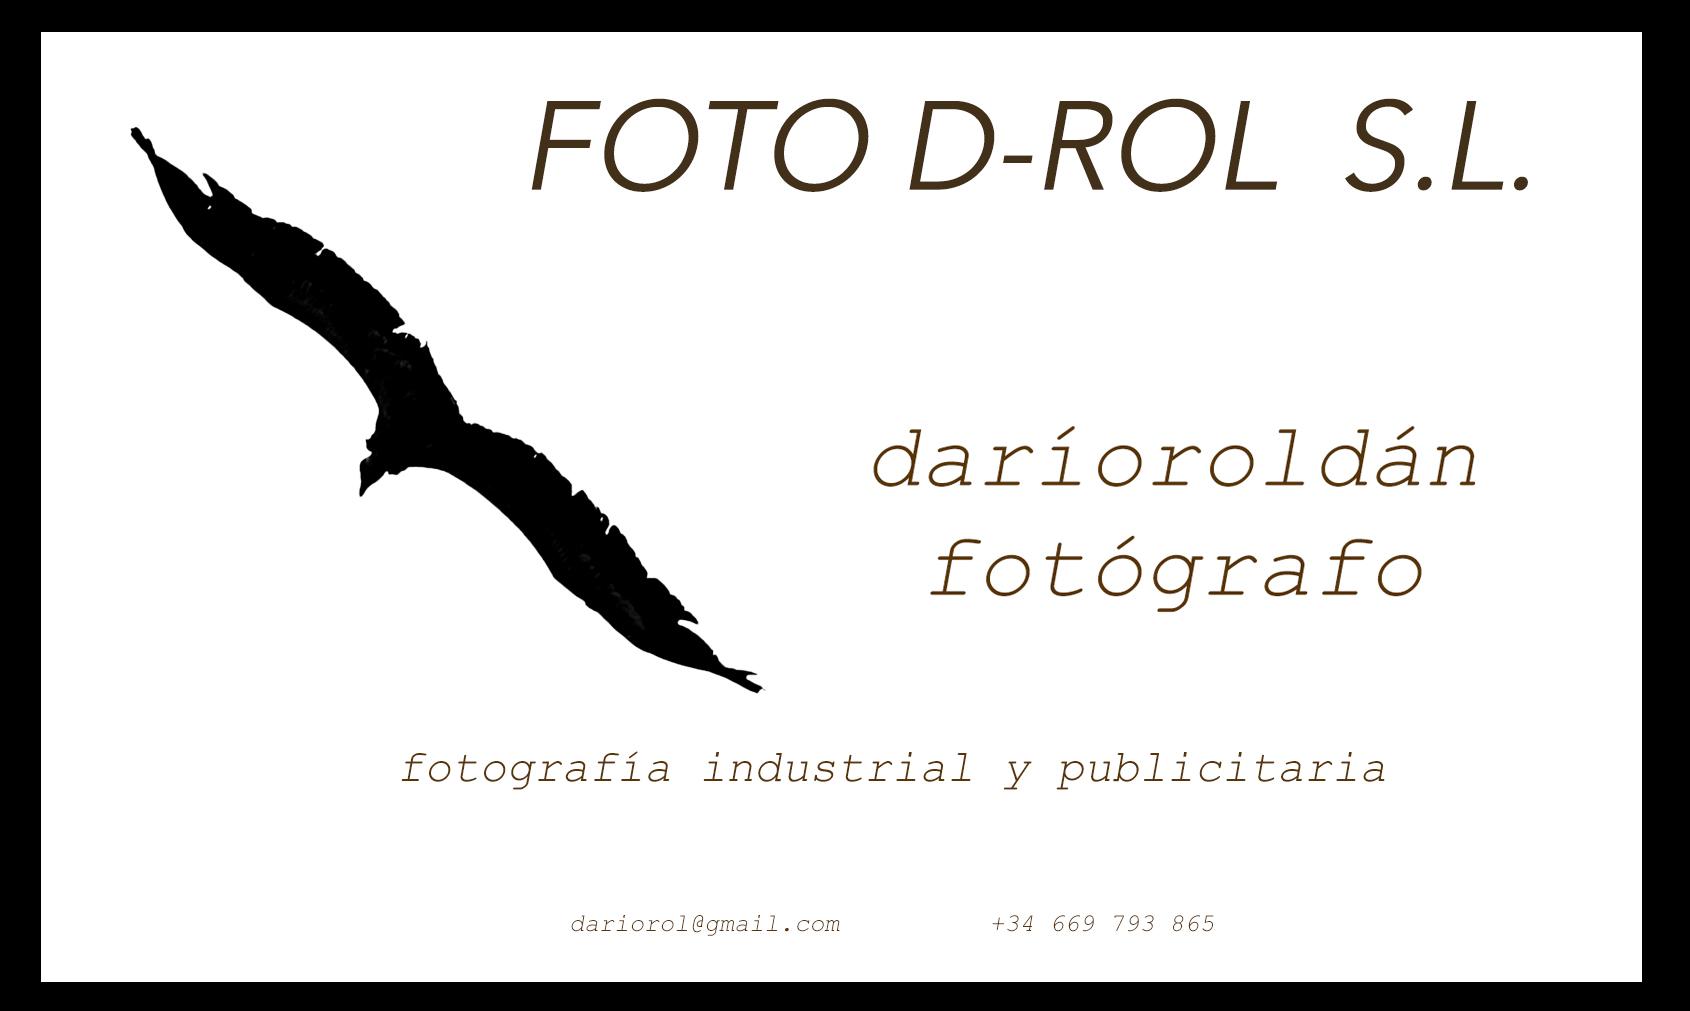 FOTOGRAFIA INDUSTRIAL Y PUBLICITARIA